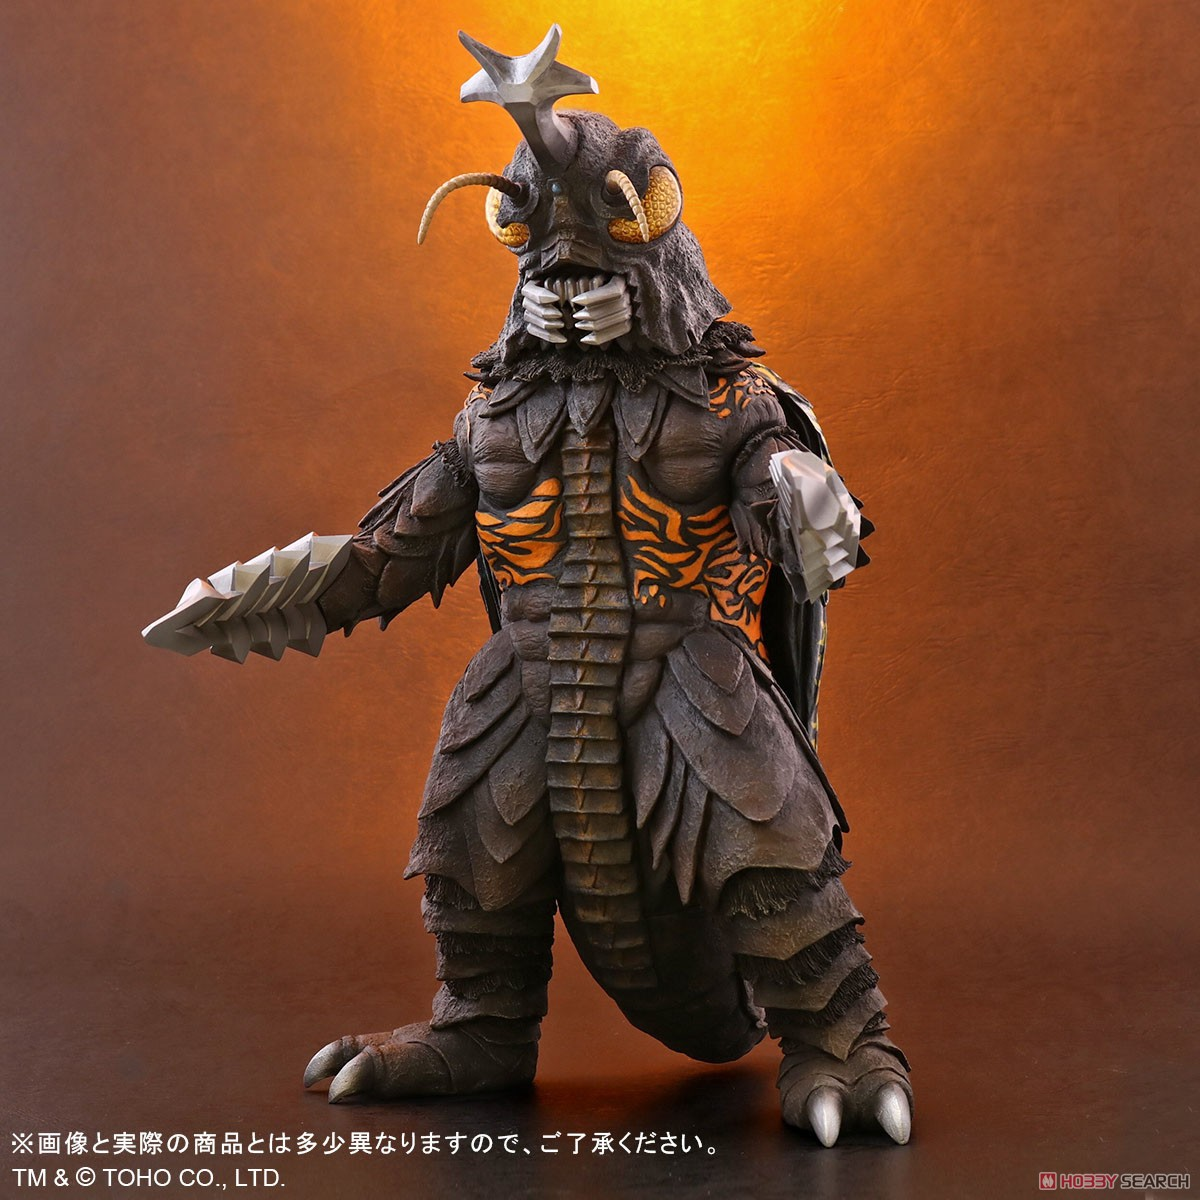 東宝30cmシリーズ『メガロ』ゴジラ対メガロ 完成品フィギュア-001